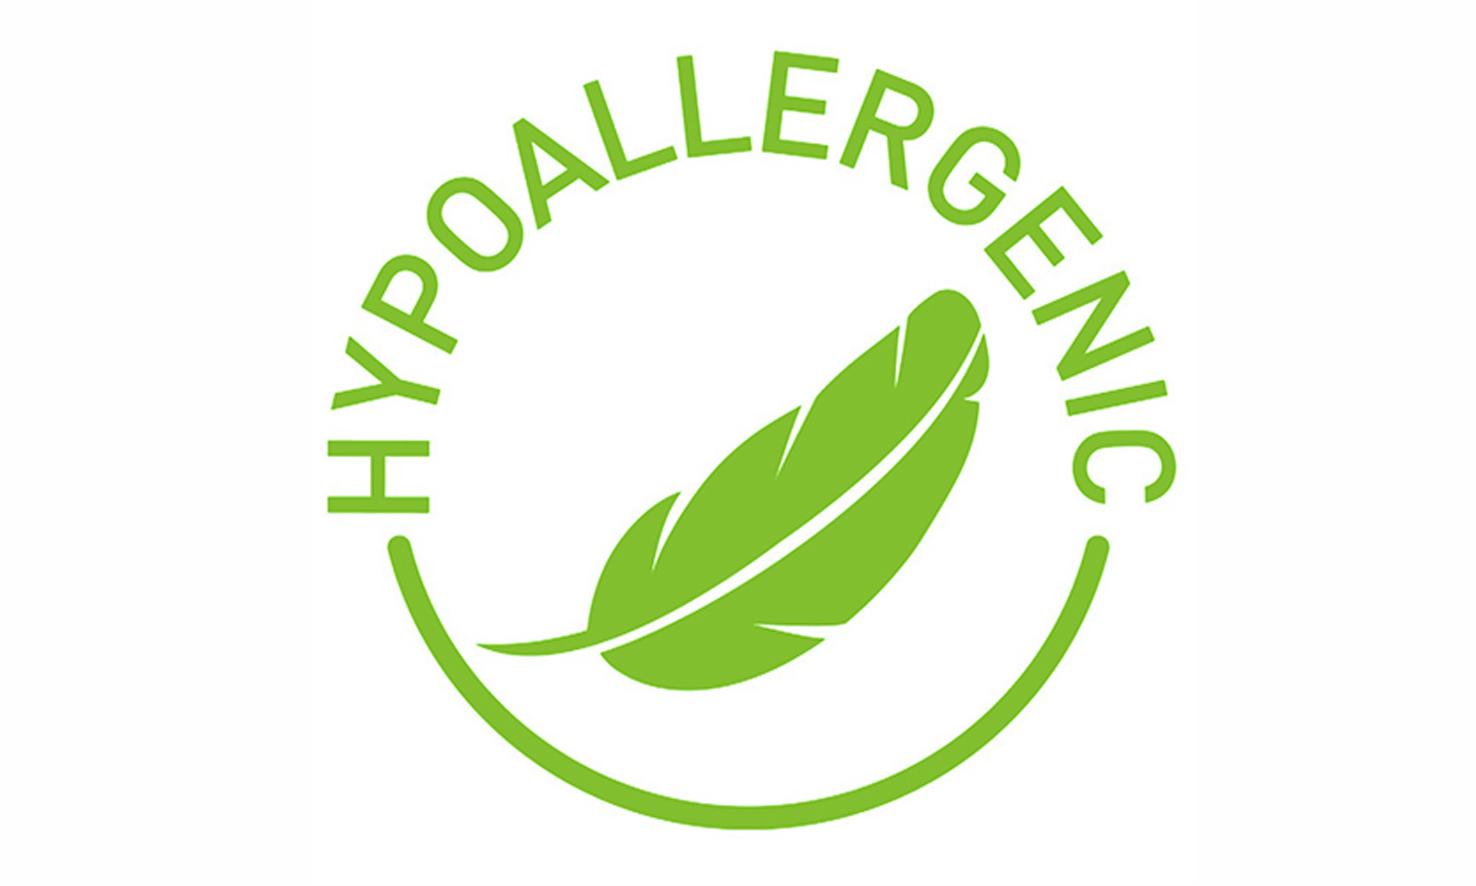 все материалы рюкзаков 4ALL- гипоаллергенные от компании BIT4ALL